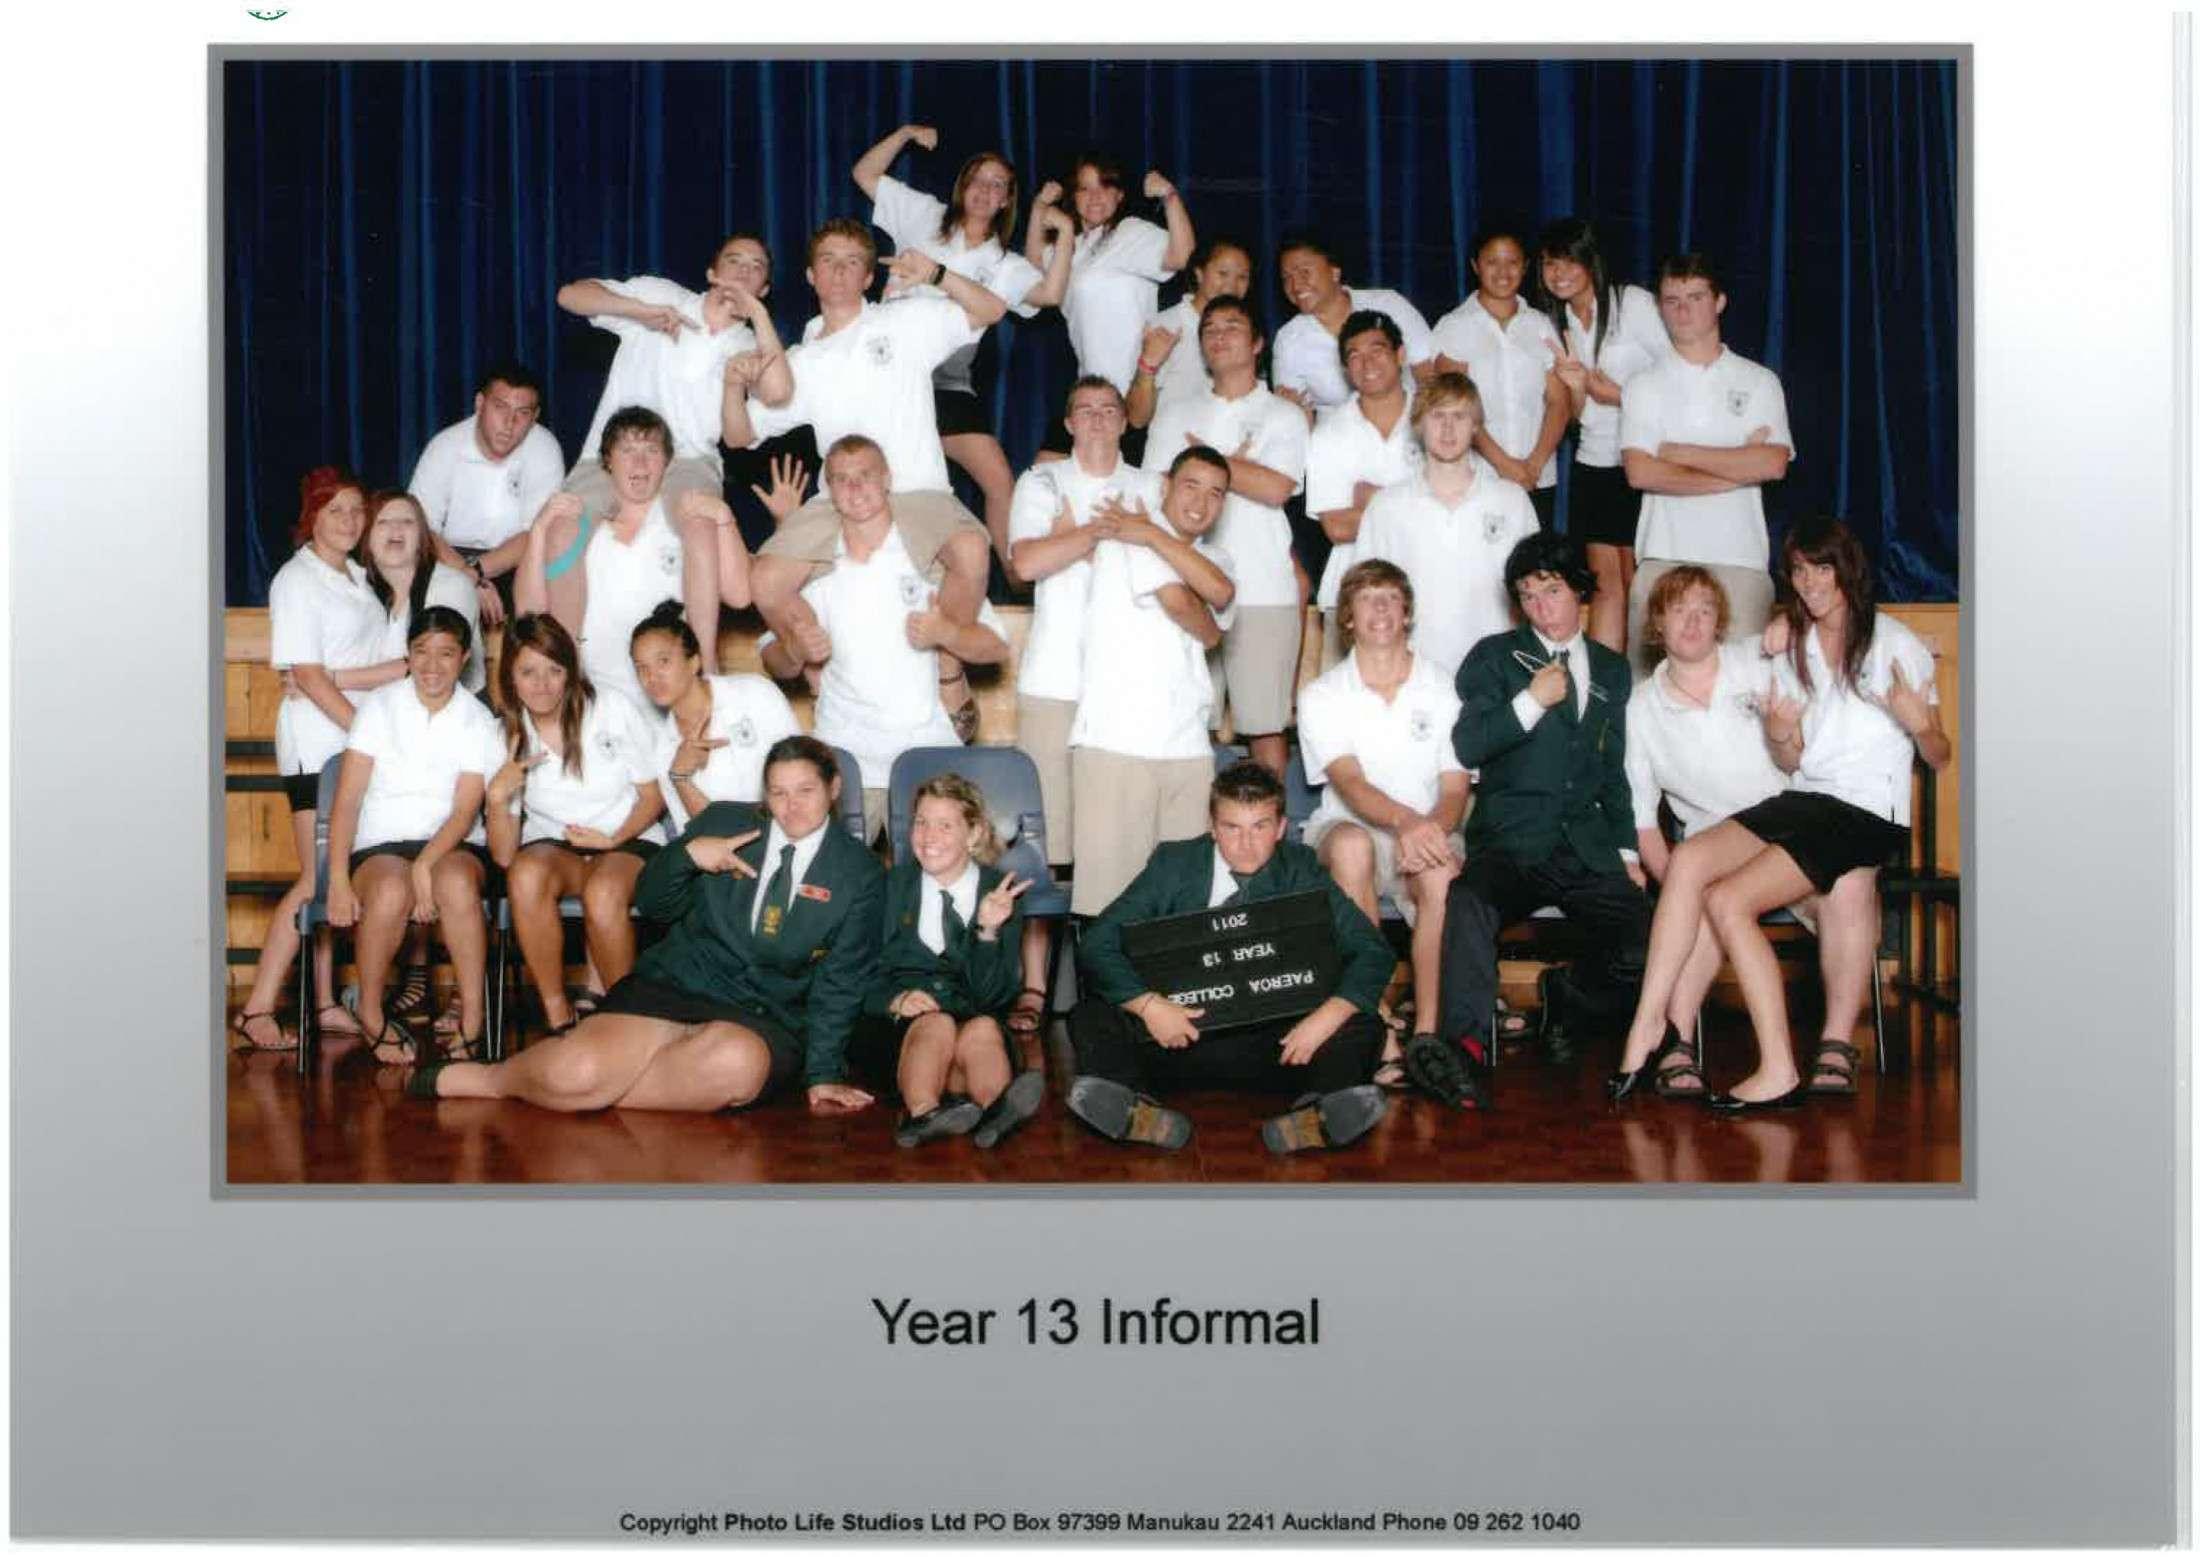 2011 Yr 13 Informal